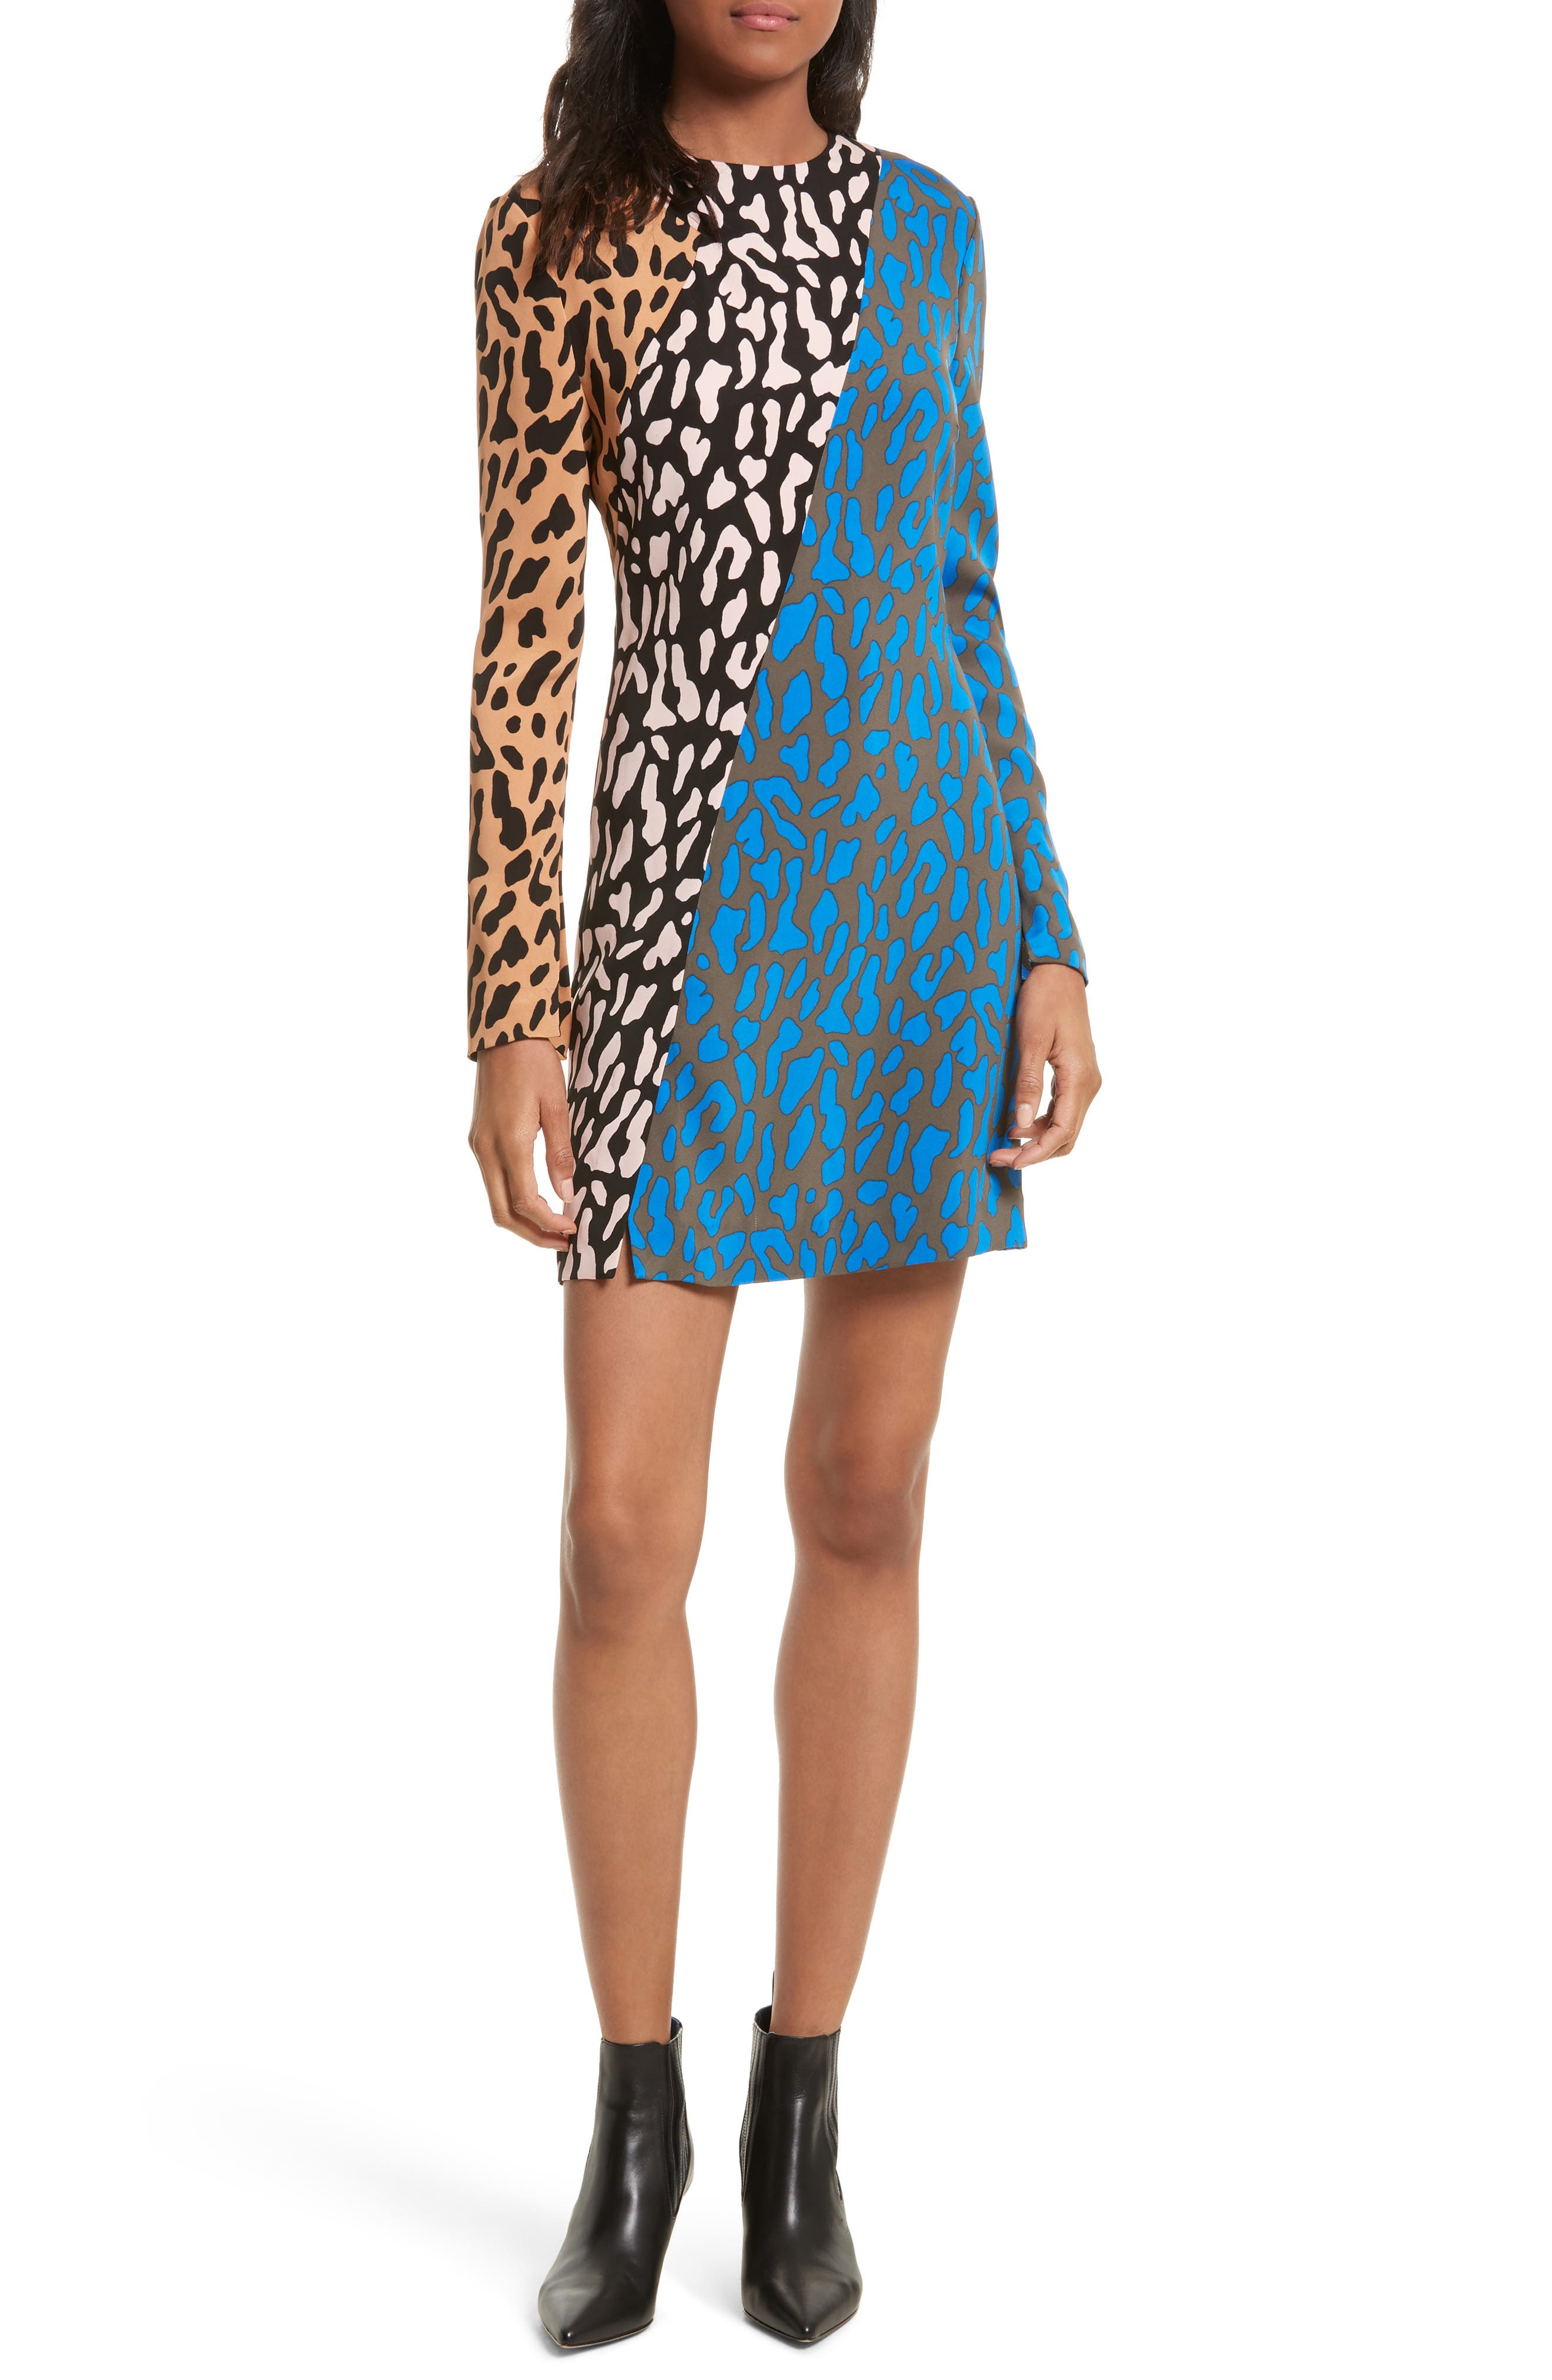 Diane von Furstenberg Bias Fitted Print Dress